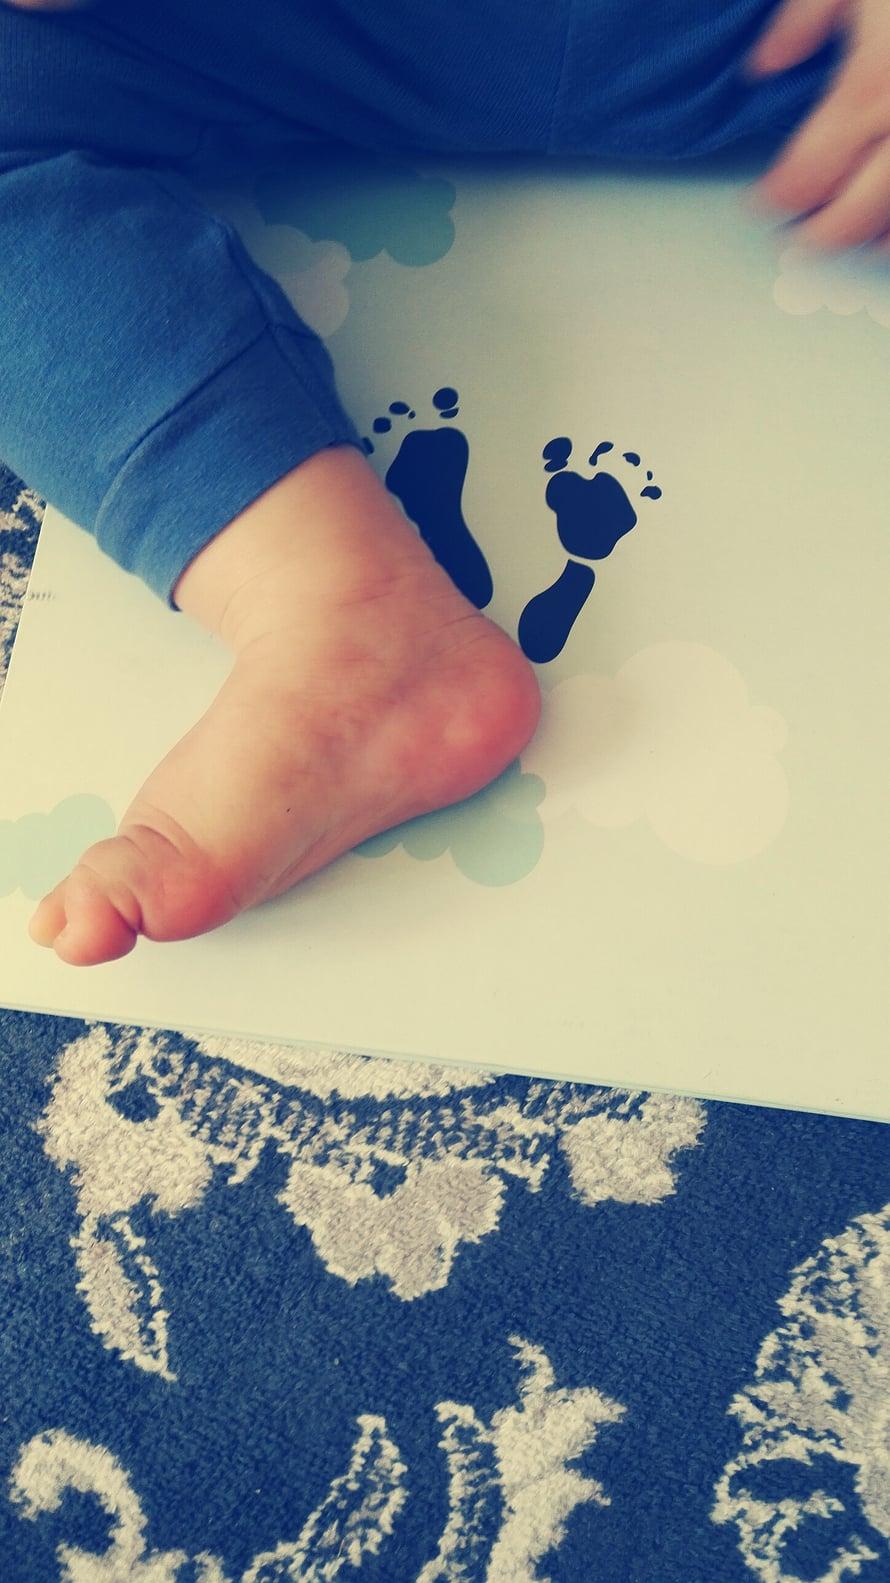 Tässä on kirjailijan oman pojan jalanjäljet päivän iässä <3